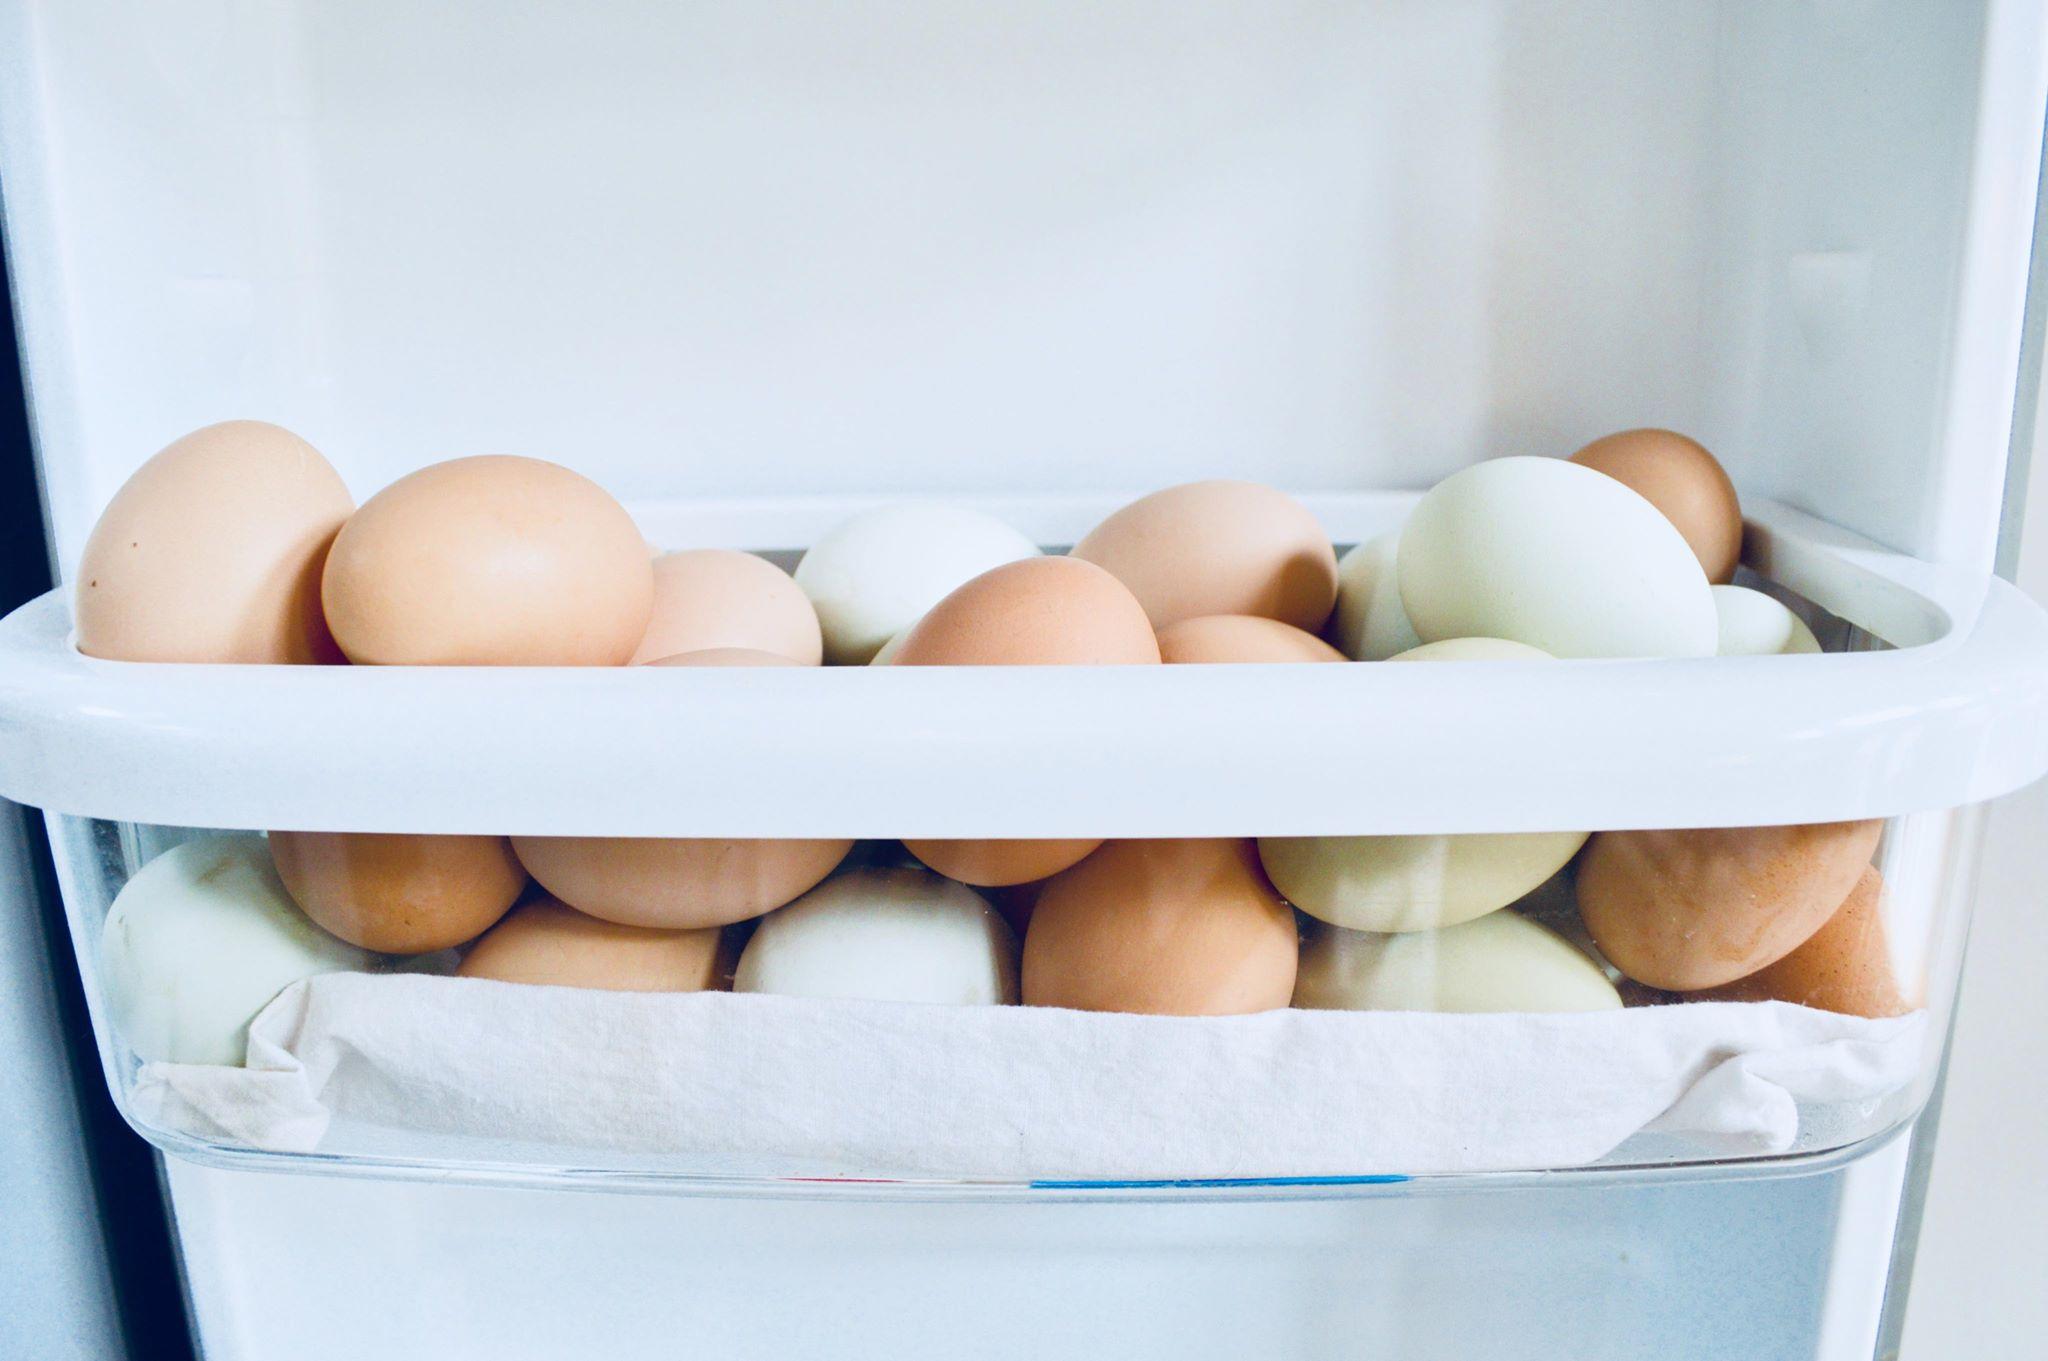 eggs, free range